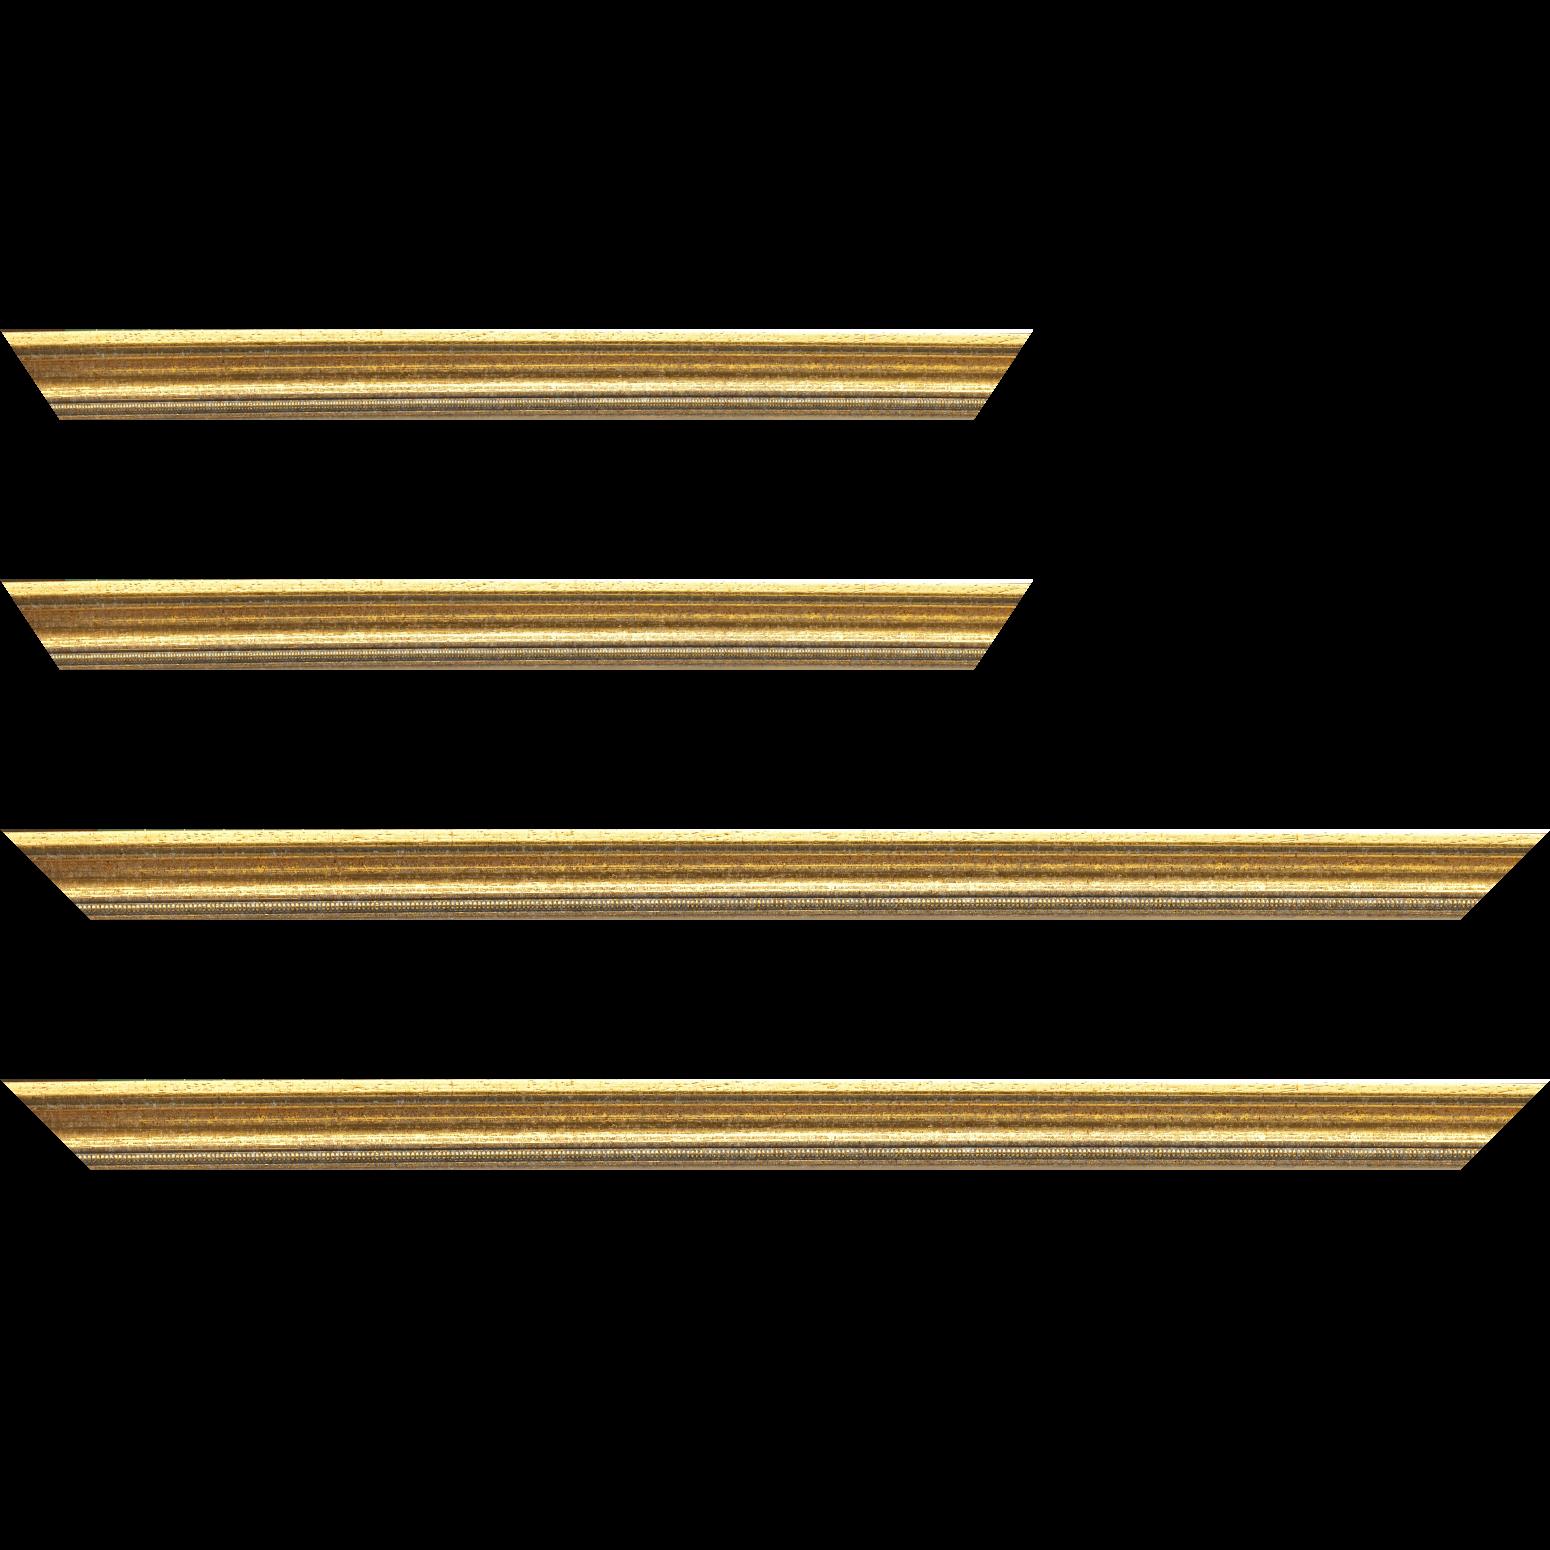 Baguette bois profil incuvé largeur 2.4cm  or antique gorge or filet perle or